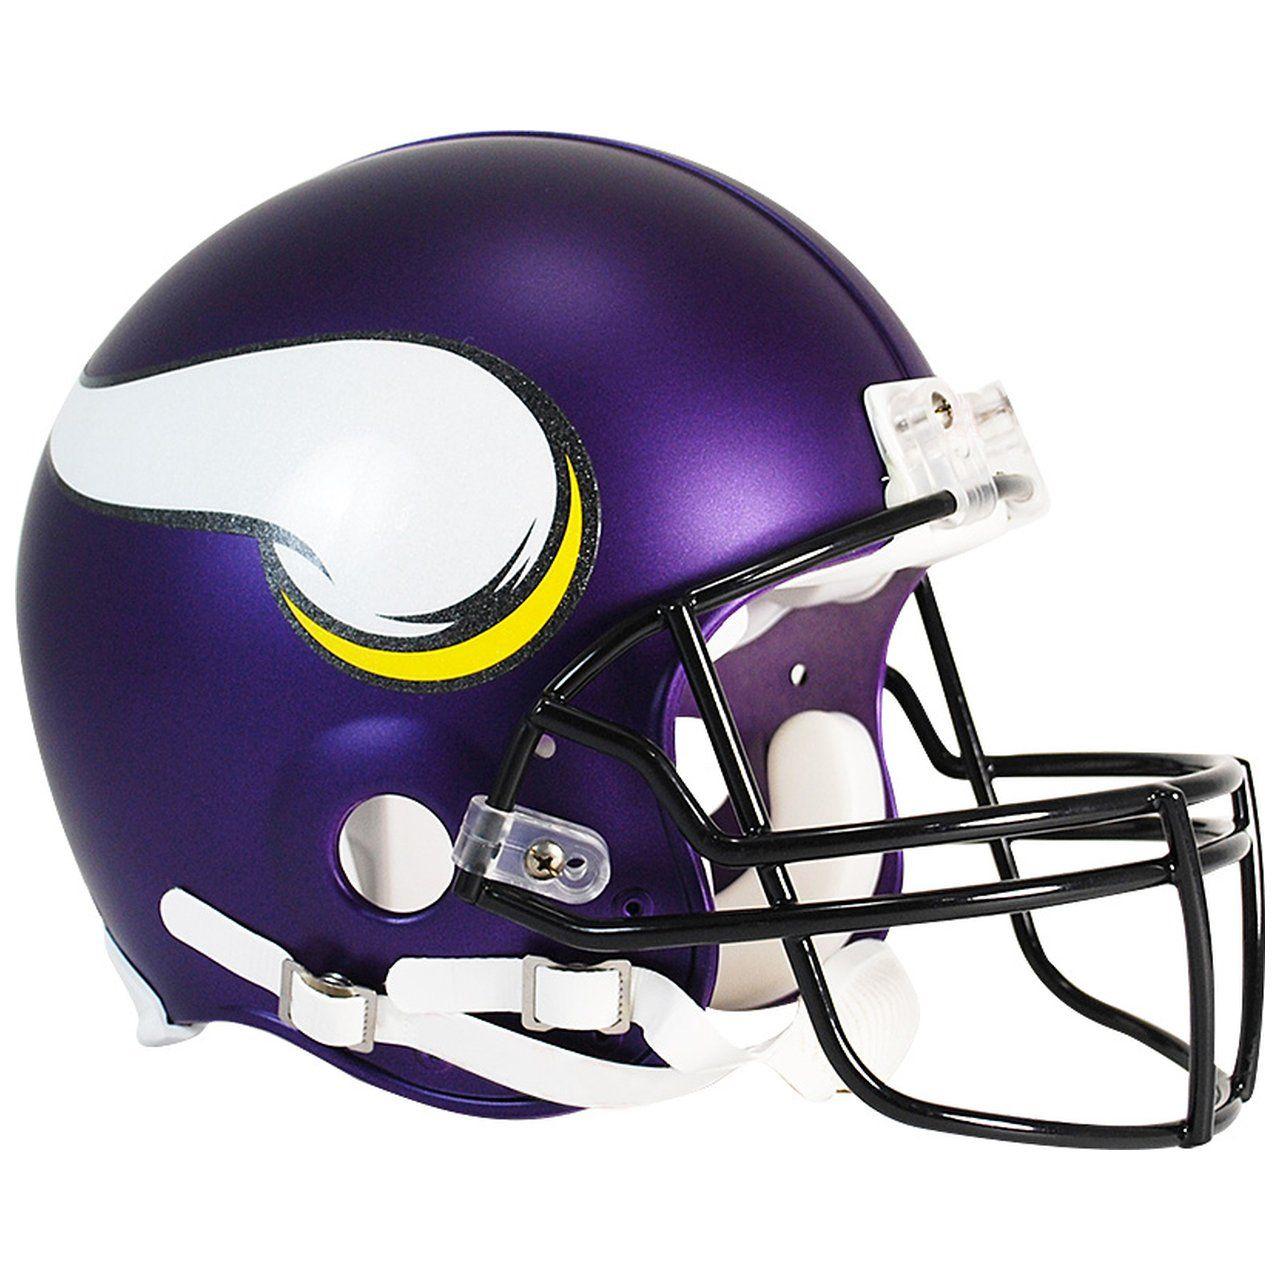 amfoo - Riddell VSR4 Authentic Football Helm - NFL Minnesota Vikings